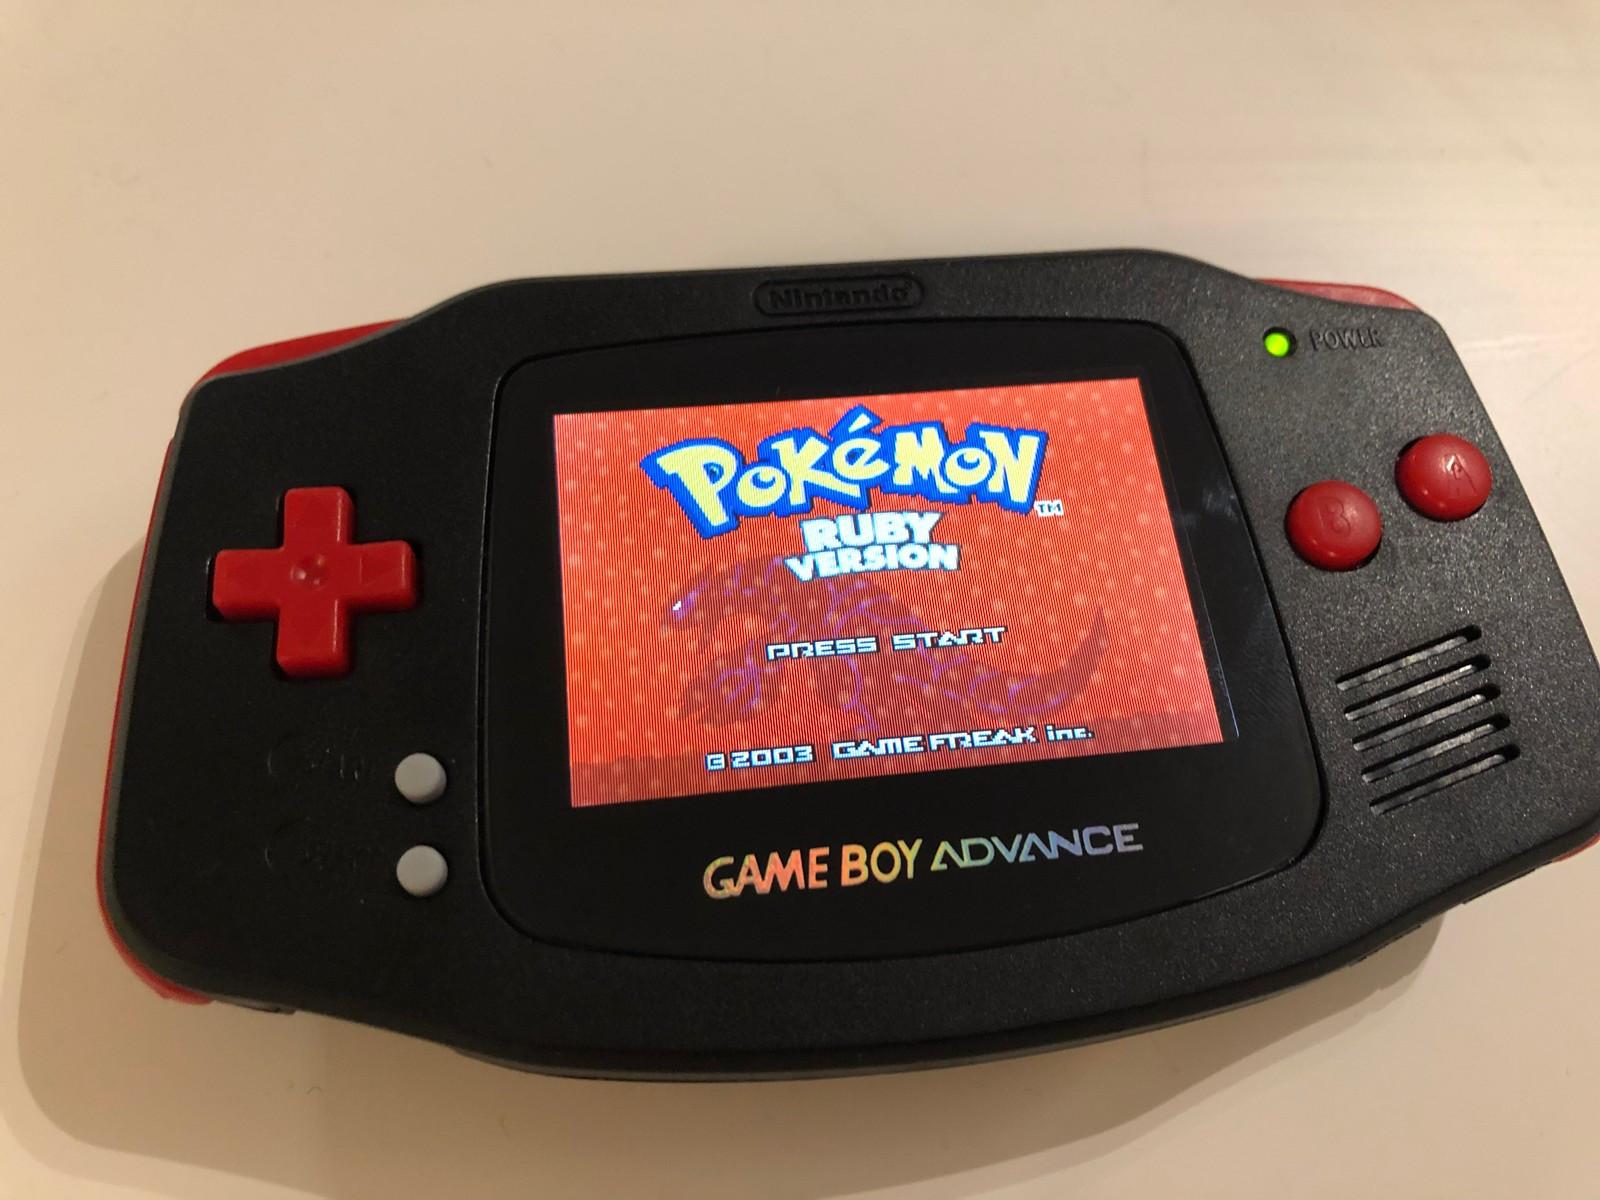 Gameboy Advance AGB-001 AGS 101 Mod - Oslo  - Hei!  Jeg selger bort en modifisert Gameboy Advance originalversjon. Konsollen har jeg selv installert en AGS-101 skjerm på fra en Gameboy Advance SP. Om en skal spille Gameboy spill på en konsoll, så er denne det ypperligste du får! - Oslo